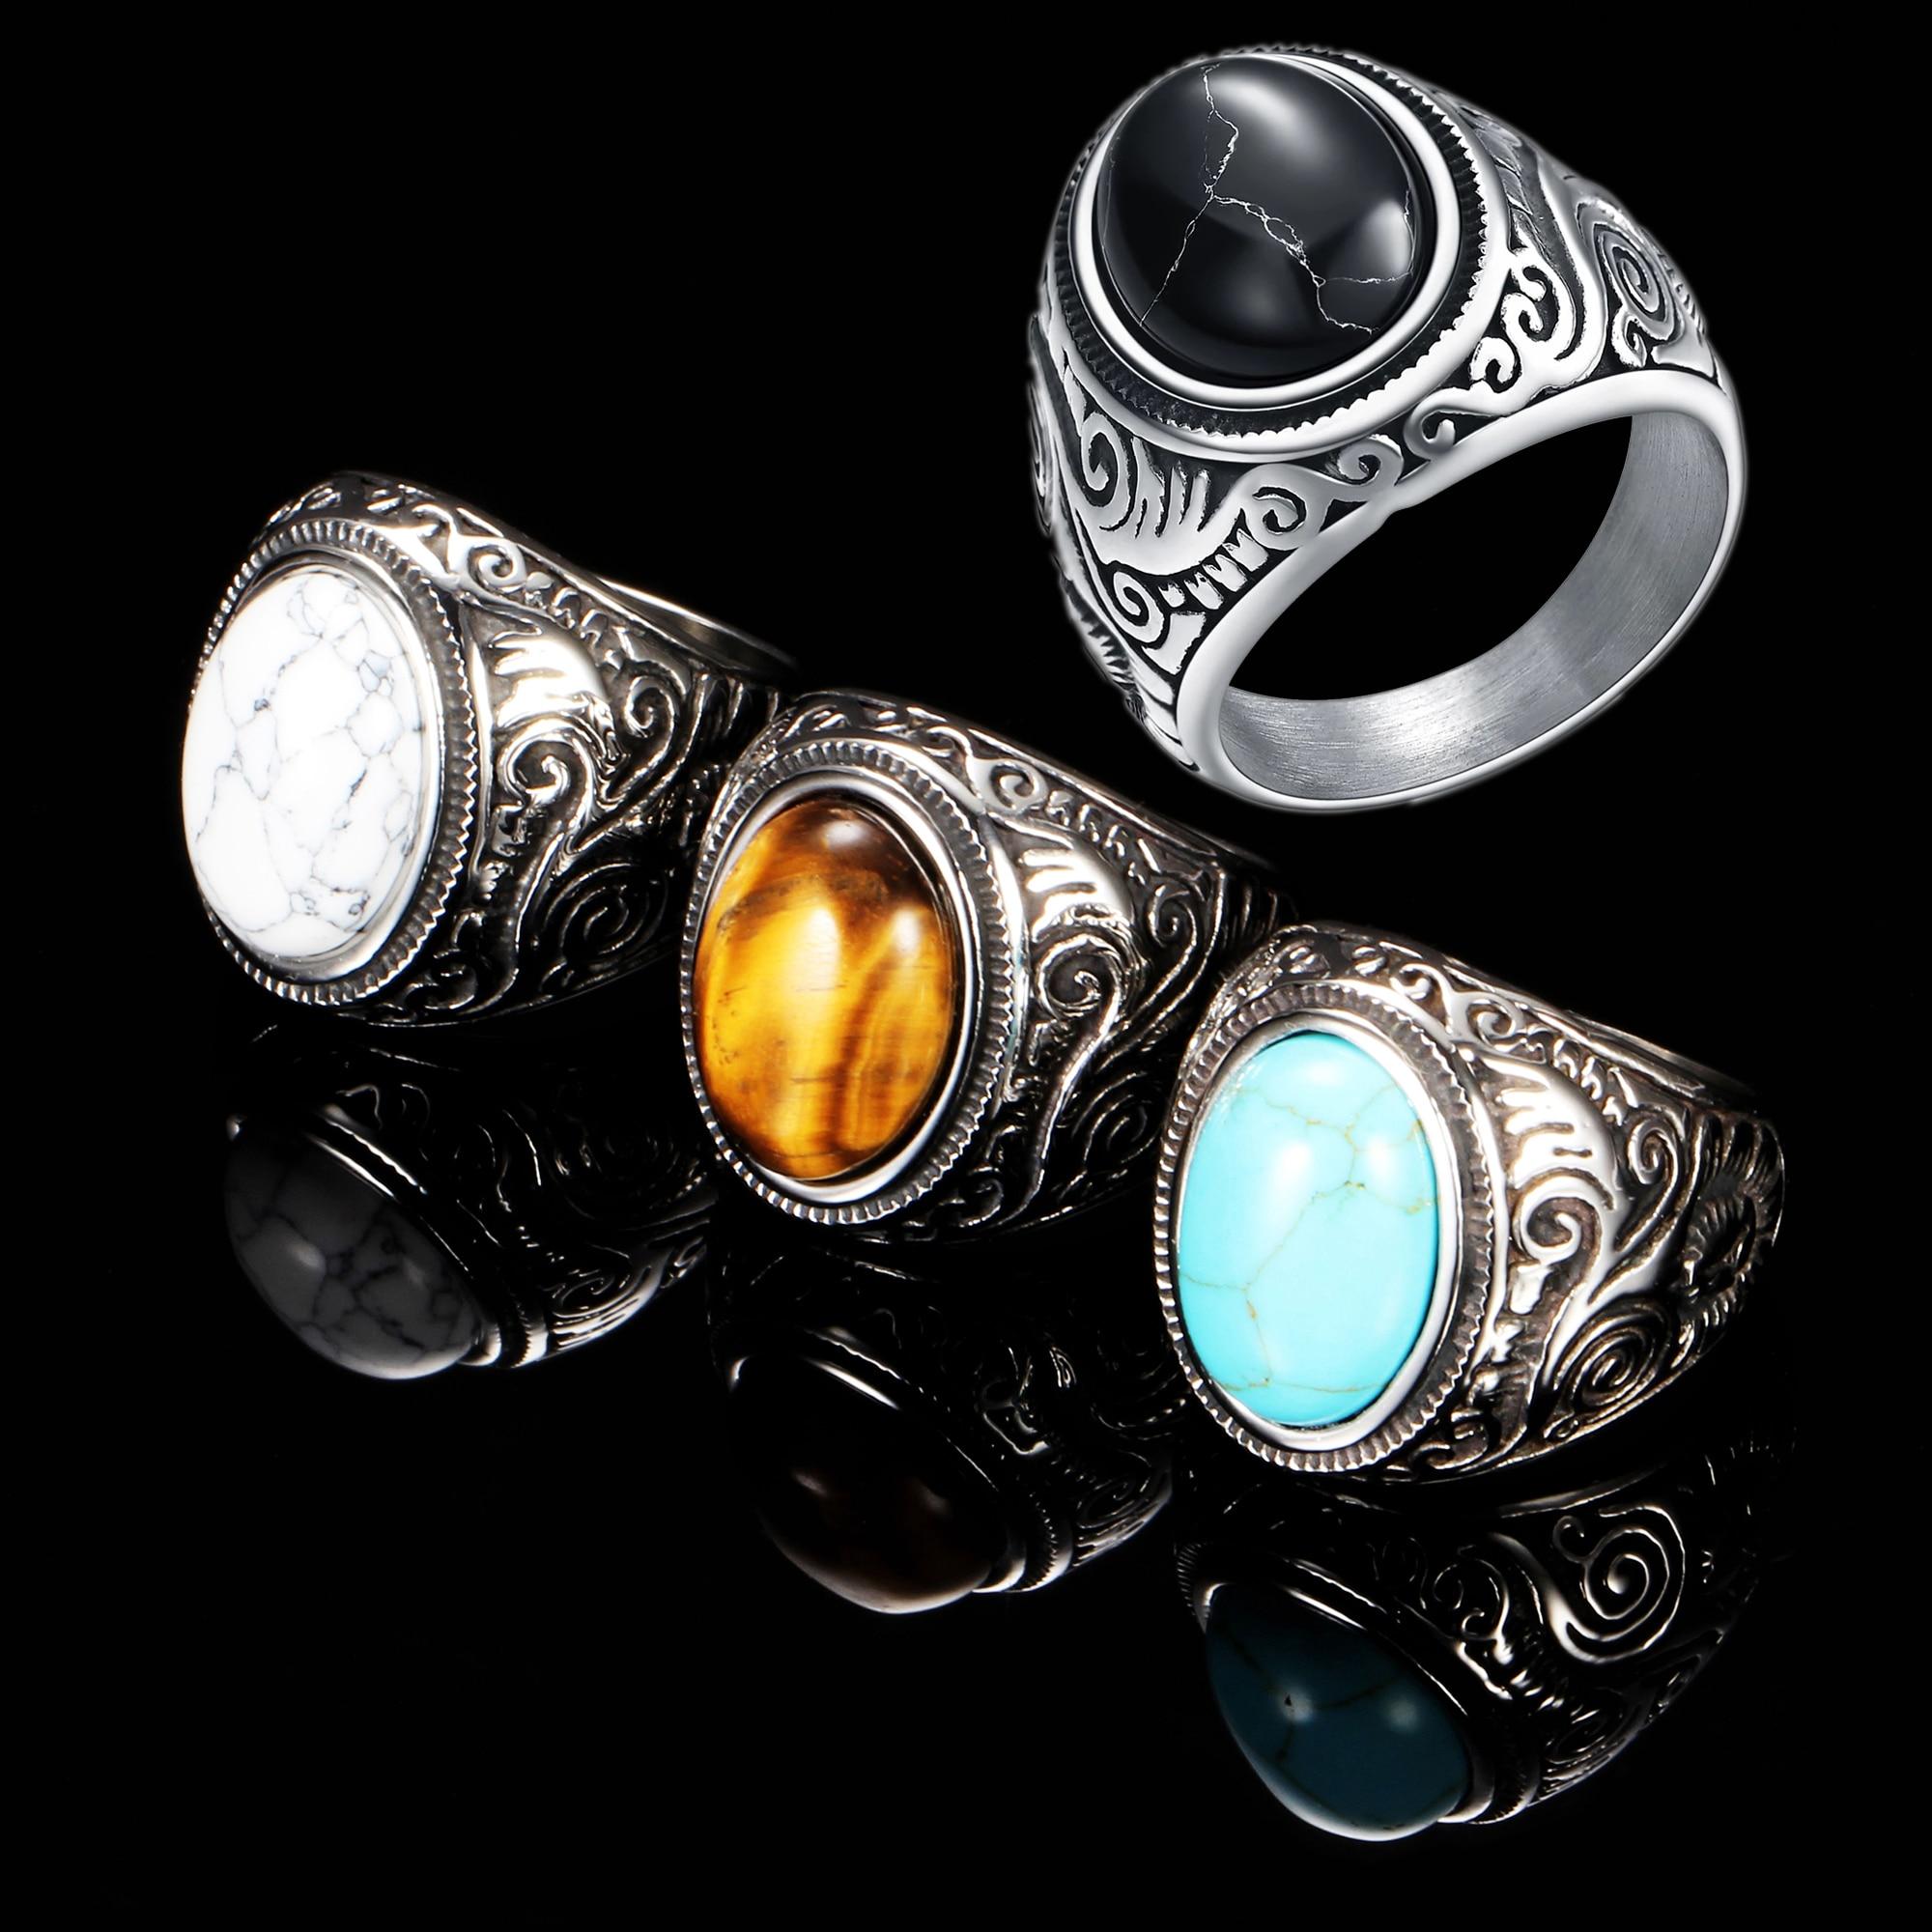 Anillo de ópalo con piedras Unisex, joyería Retro con incrustaciones de acero y titanio, en cuatro colores